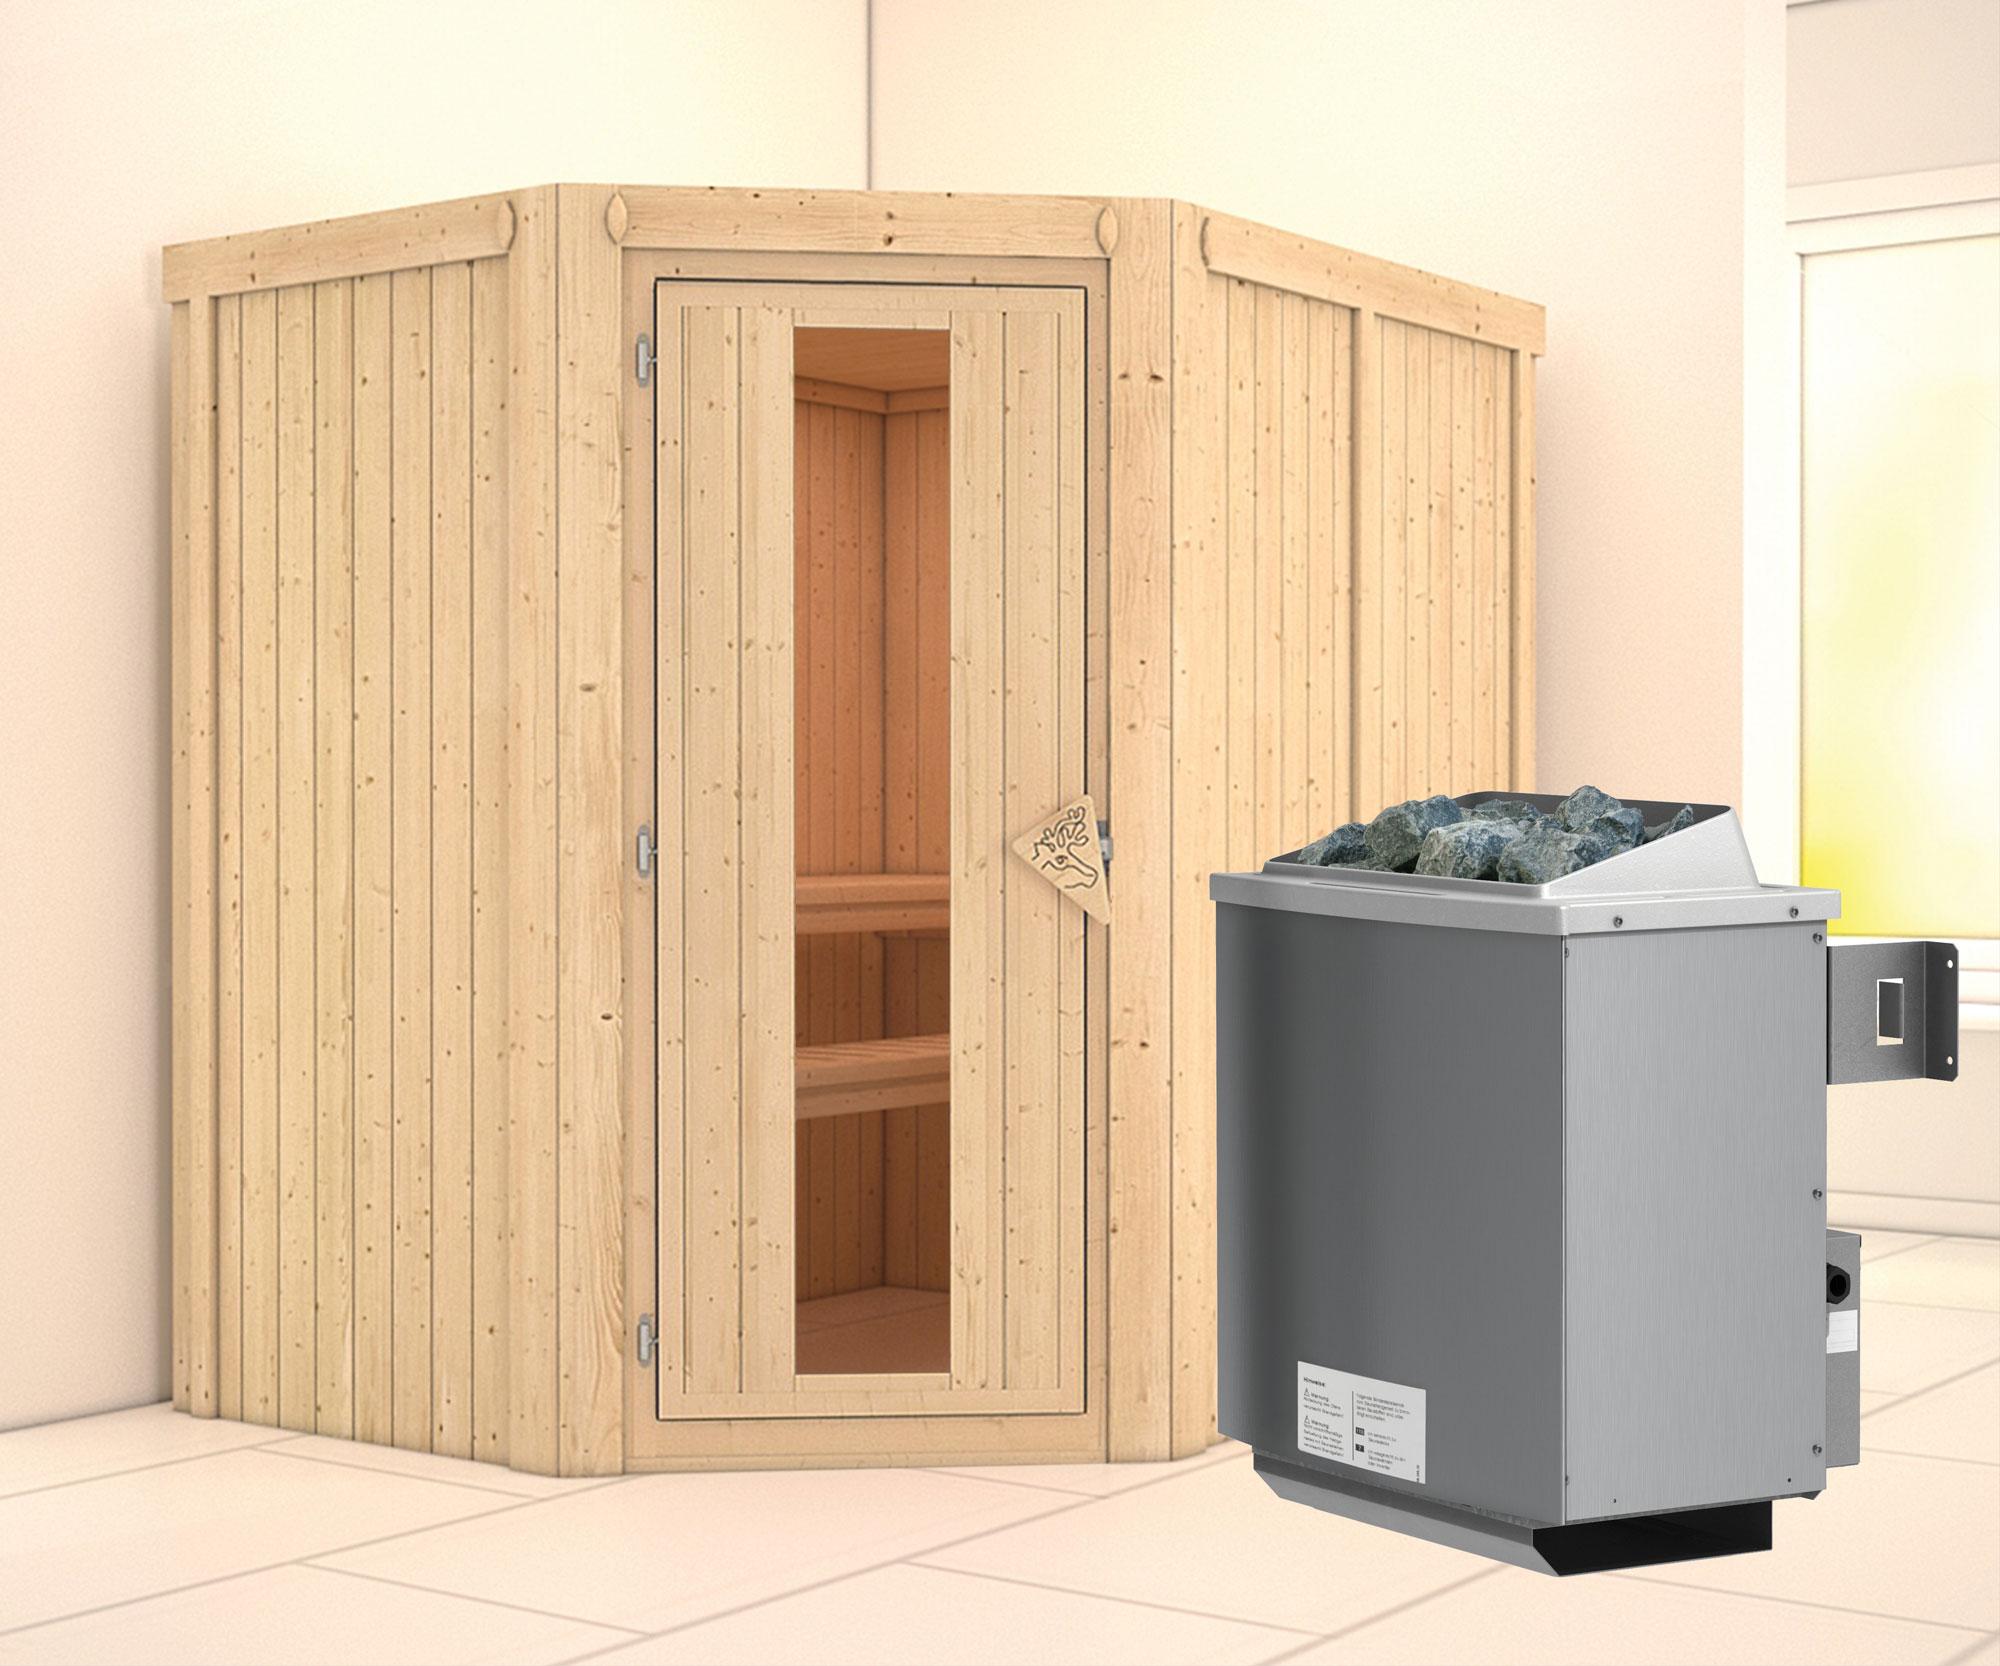 Karibu Sauna Carin 68mm mit Ofen 9kW intern Holztür Bild 1